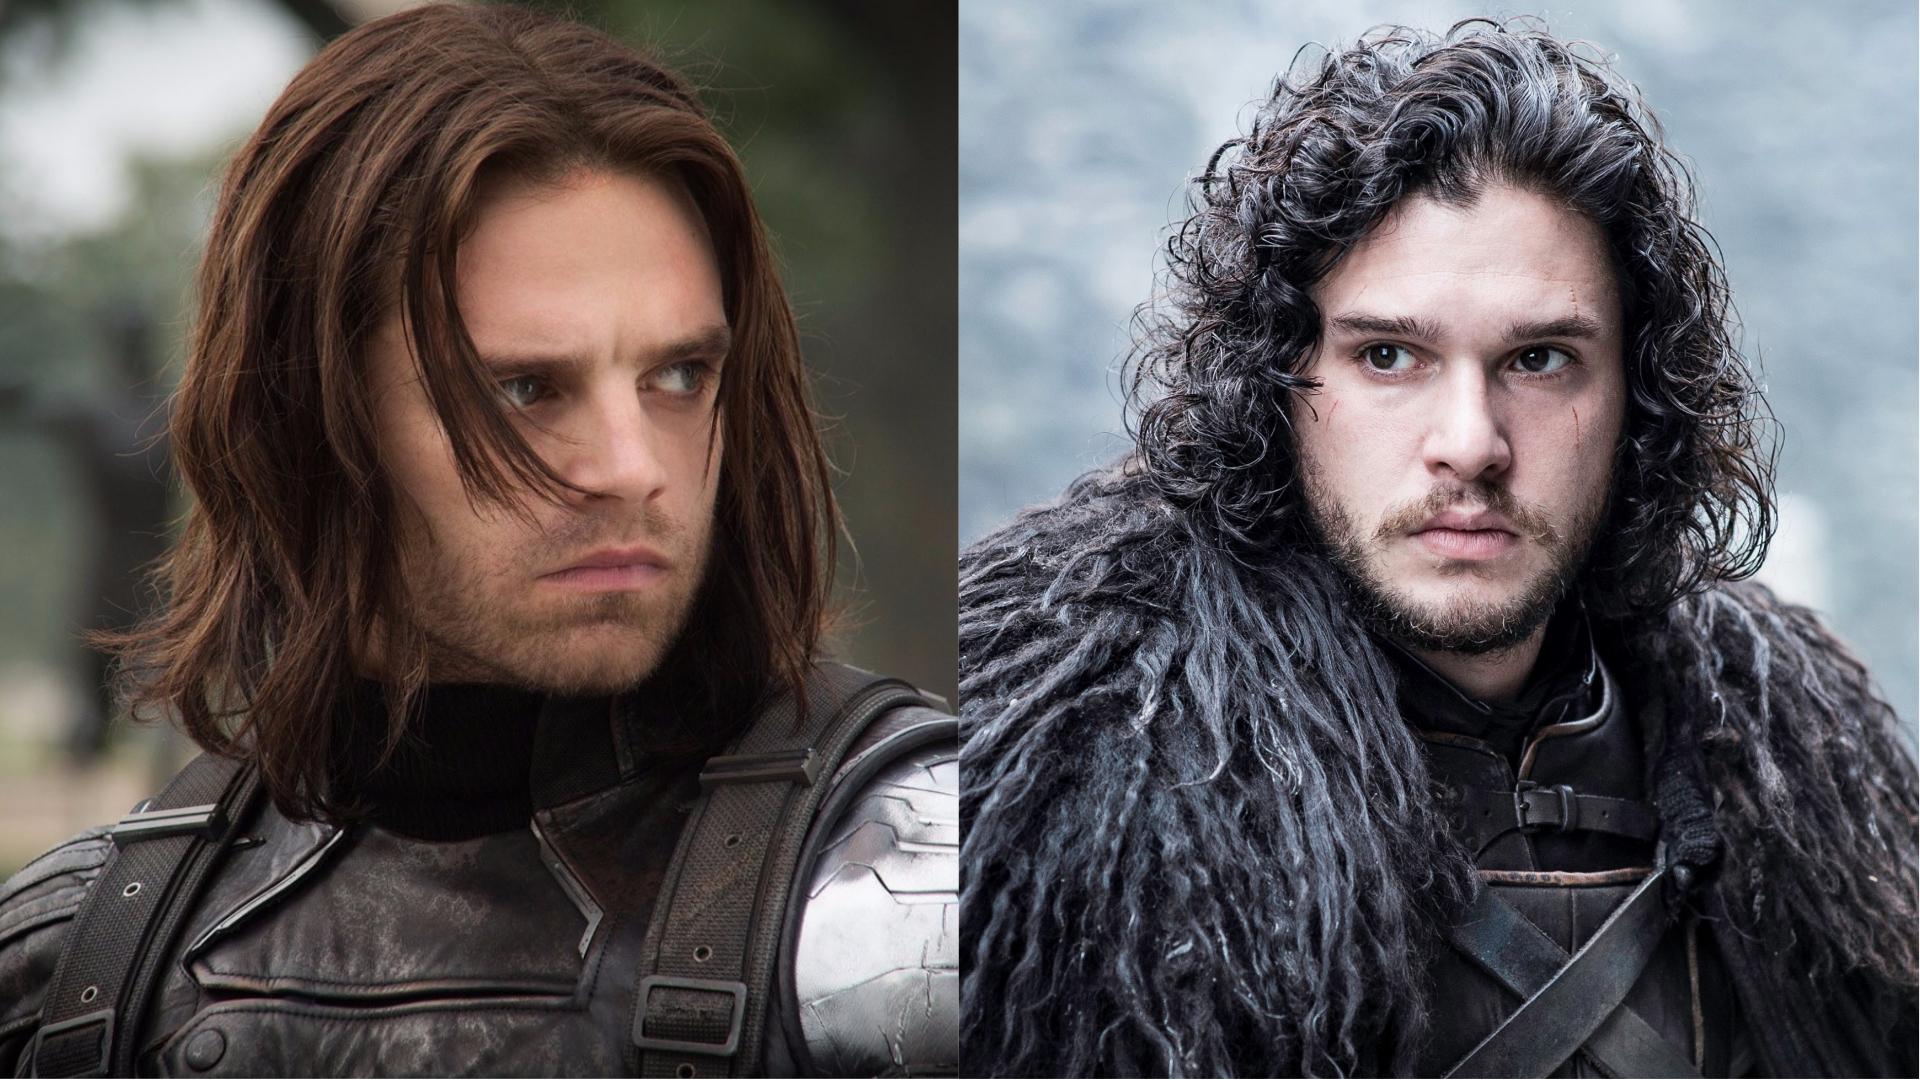 Jon Snow Actor